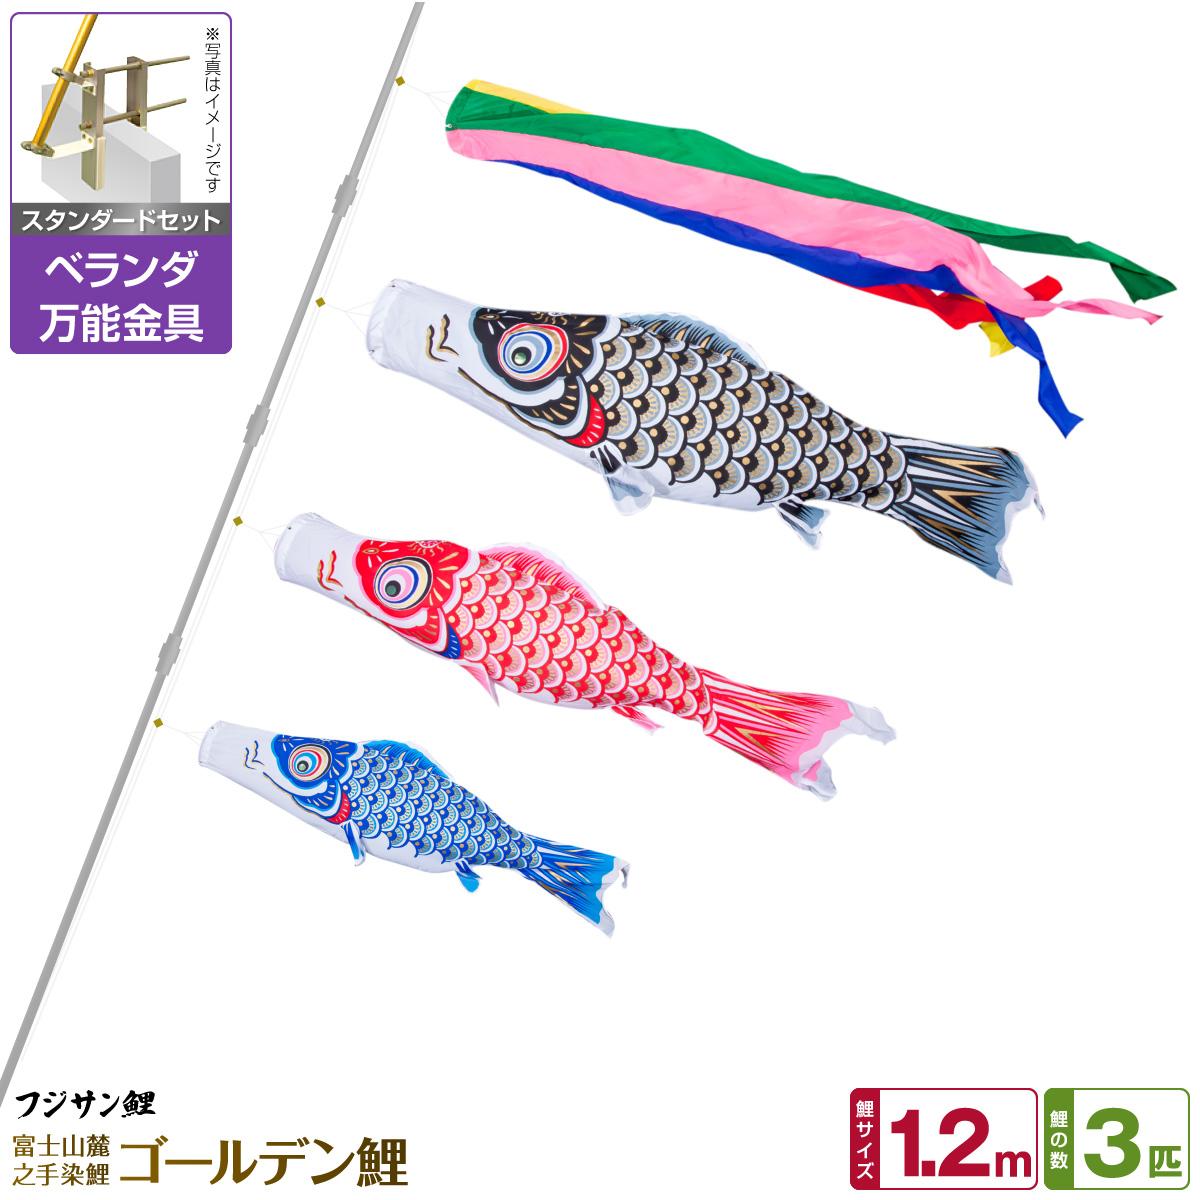 ベランダ用 こいのぼり 鯉のぼり フジサン鯉 ゴールデン鯉 1.2m 6点(吹流し+鯉3匹+矢車+ロープ)/スタンダードセット(万能取付金具)